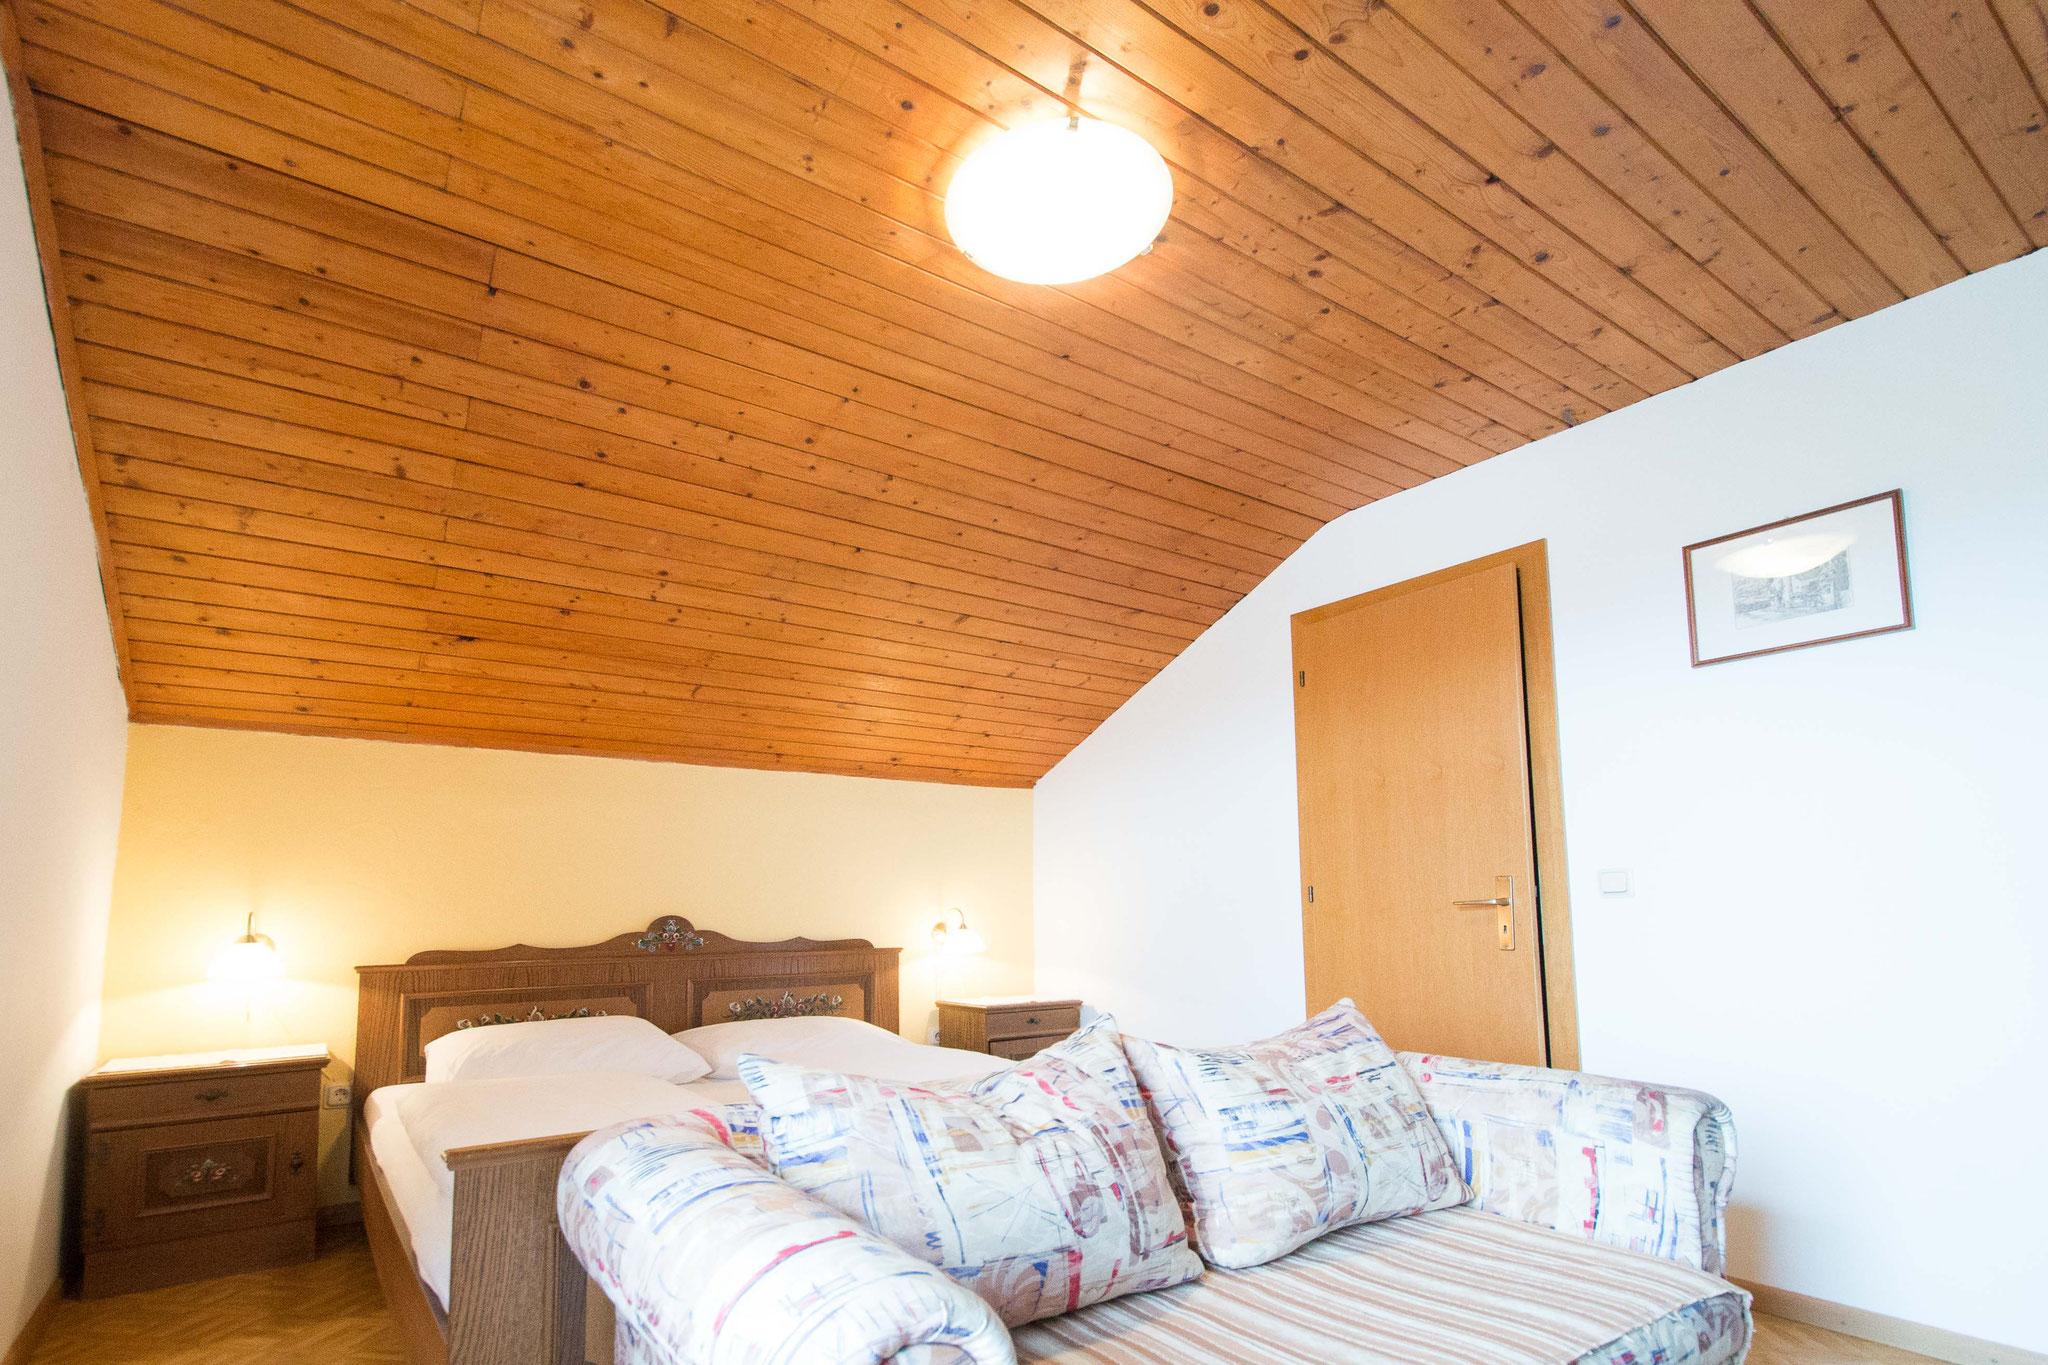 Das Schlafzimmer mit Fernsehcouch